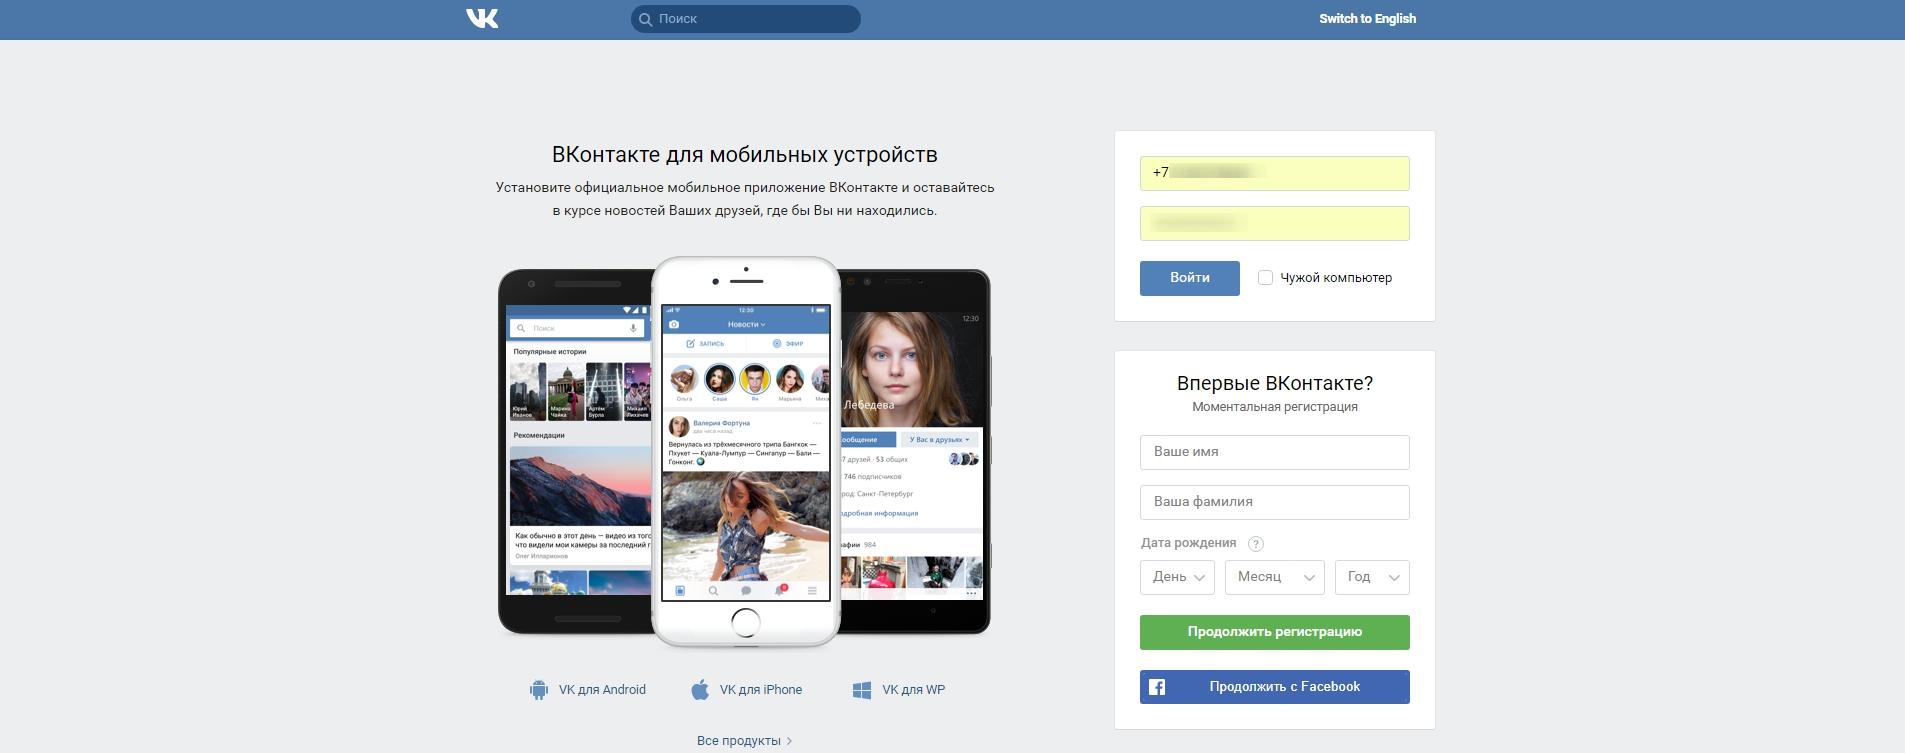 Популярная социальная сеть в России